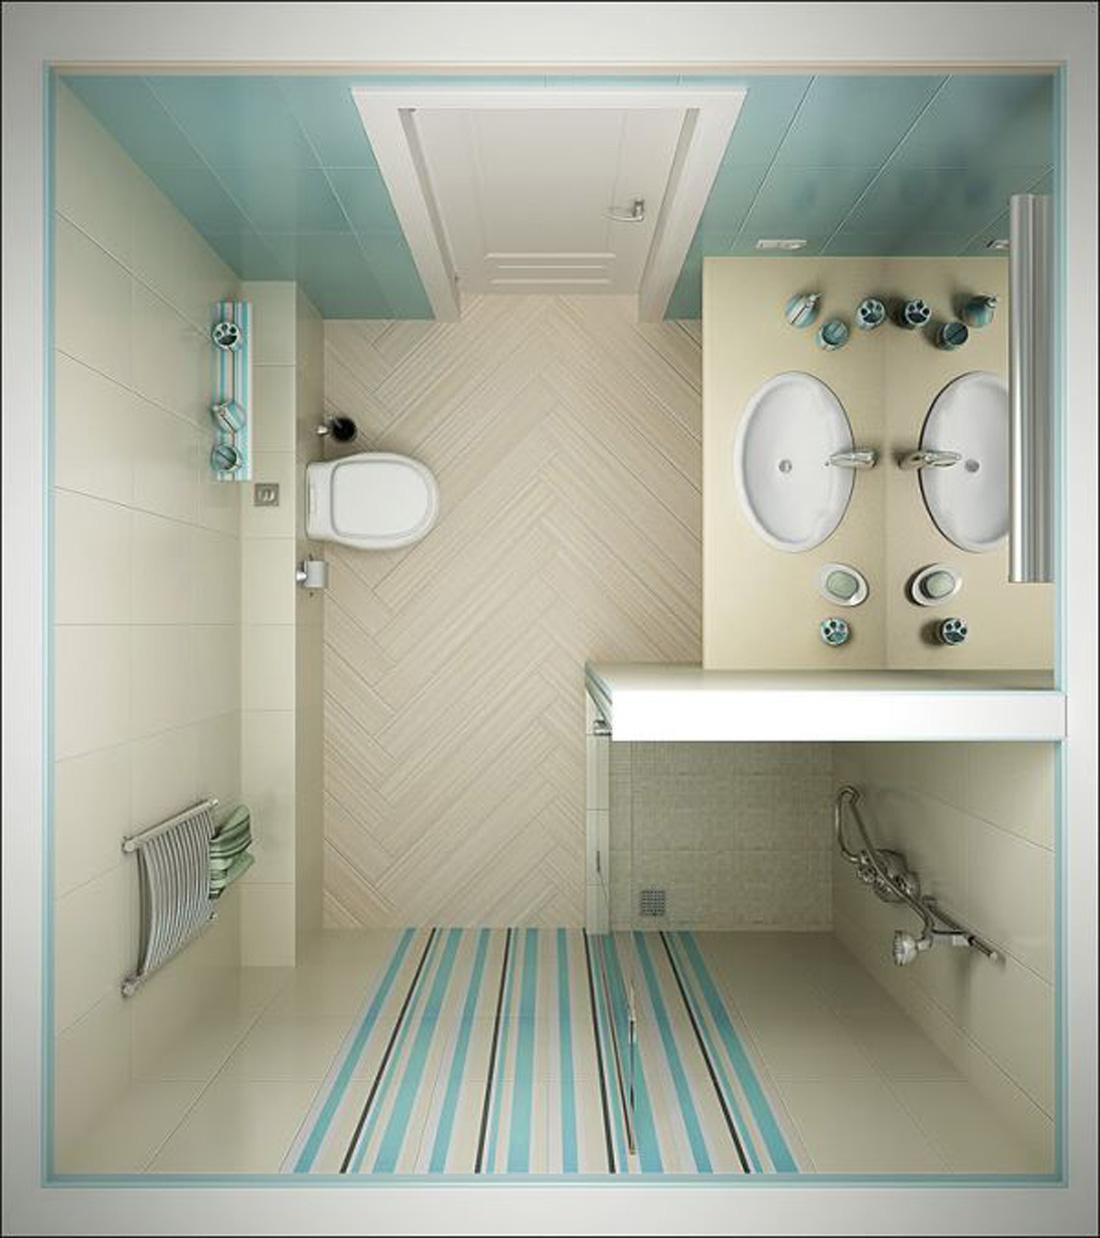 Comment rendre sa salle de bain pratique petite salle - Comment faire sa salle de bain ...